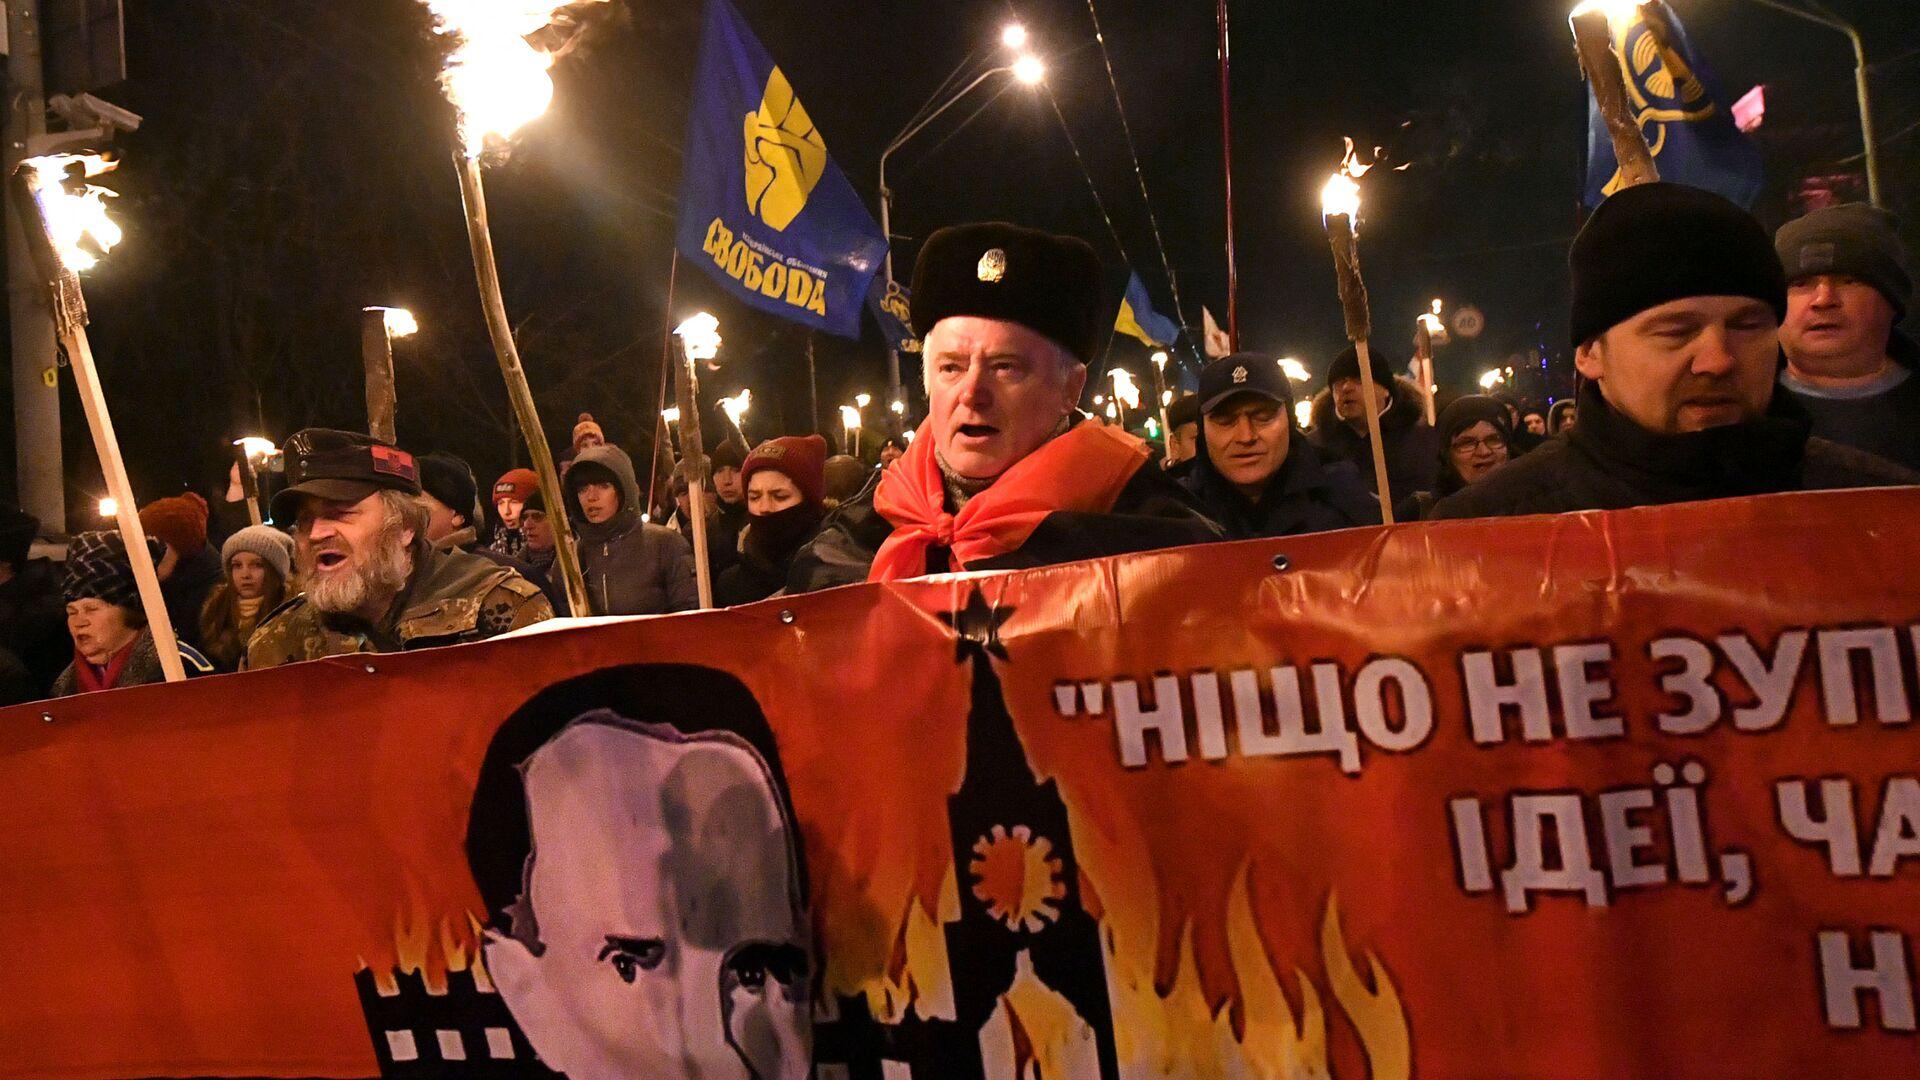 Marsz upamiętniający 111. rocznicę urodzin Stepana Bandery w Kijowie - Sputnik Polska, 1920, 11.03.2021